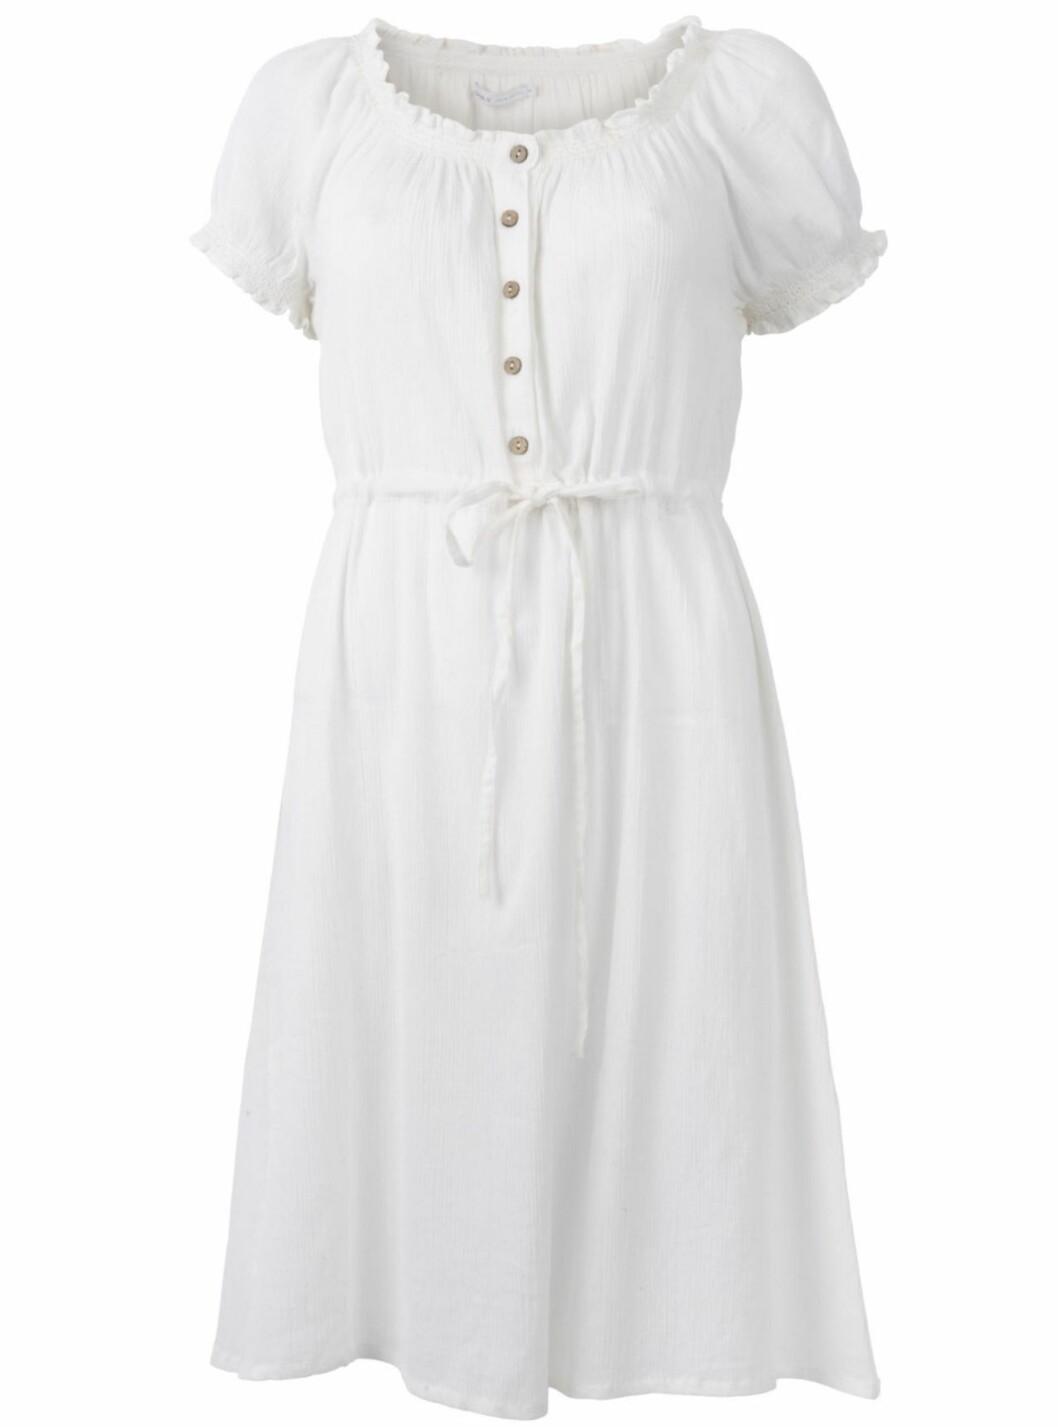 Søt, hvit kjole i 100 prosent bomull (kr.199,95/Only.bestsellershop.com). Foto: Produsenten